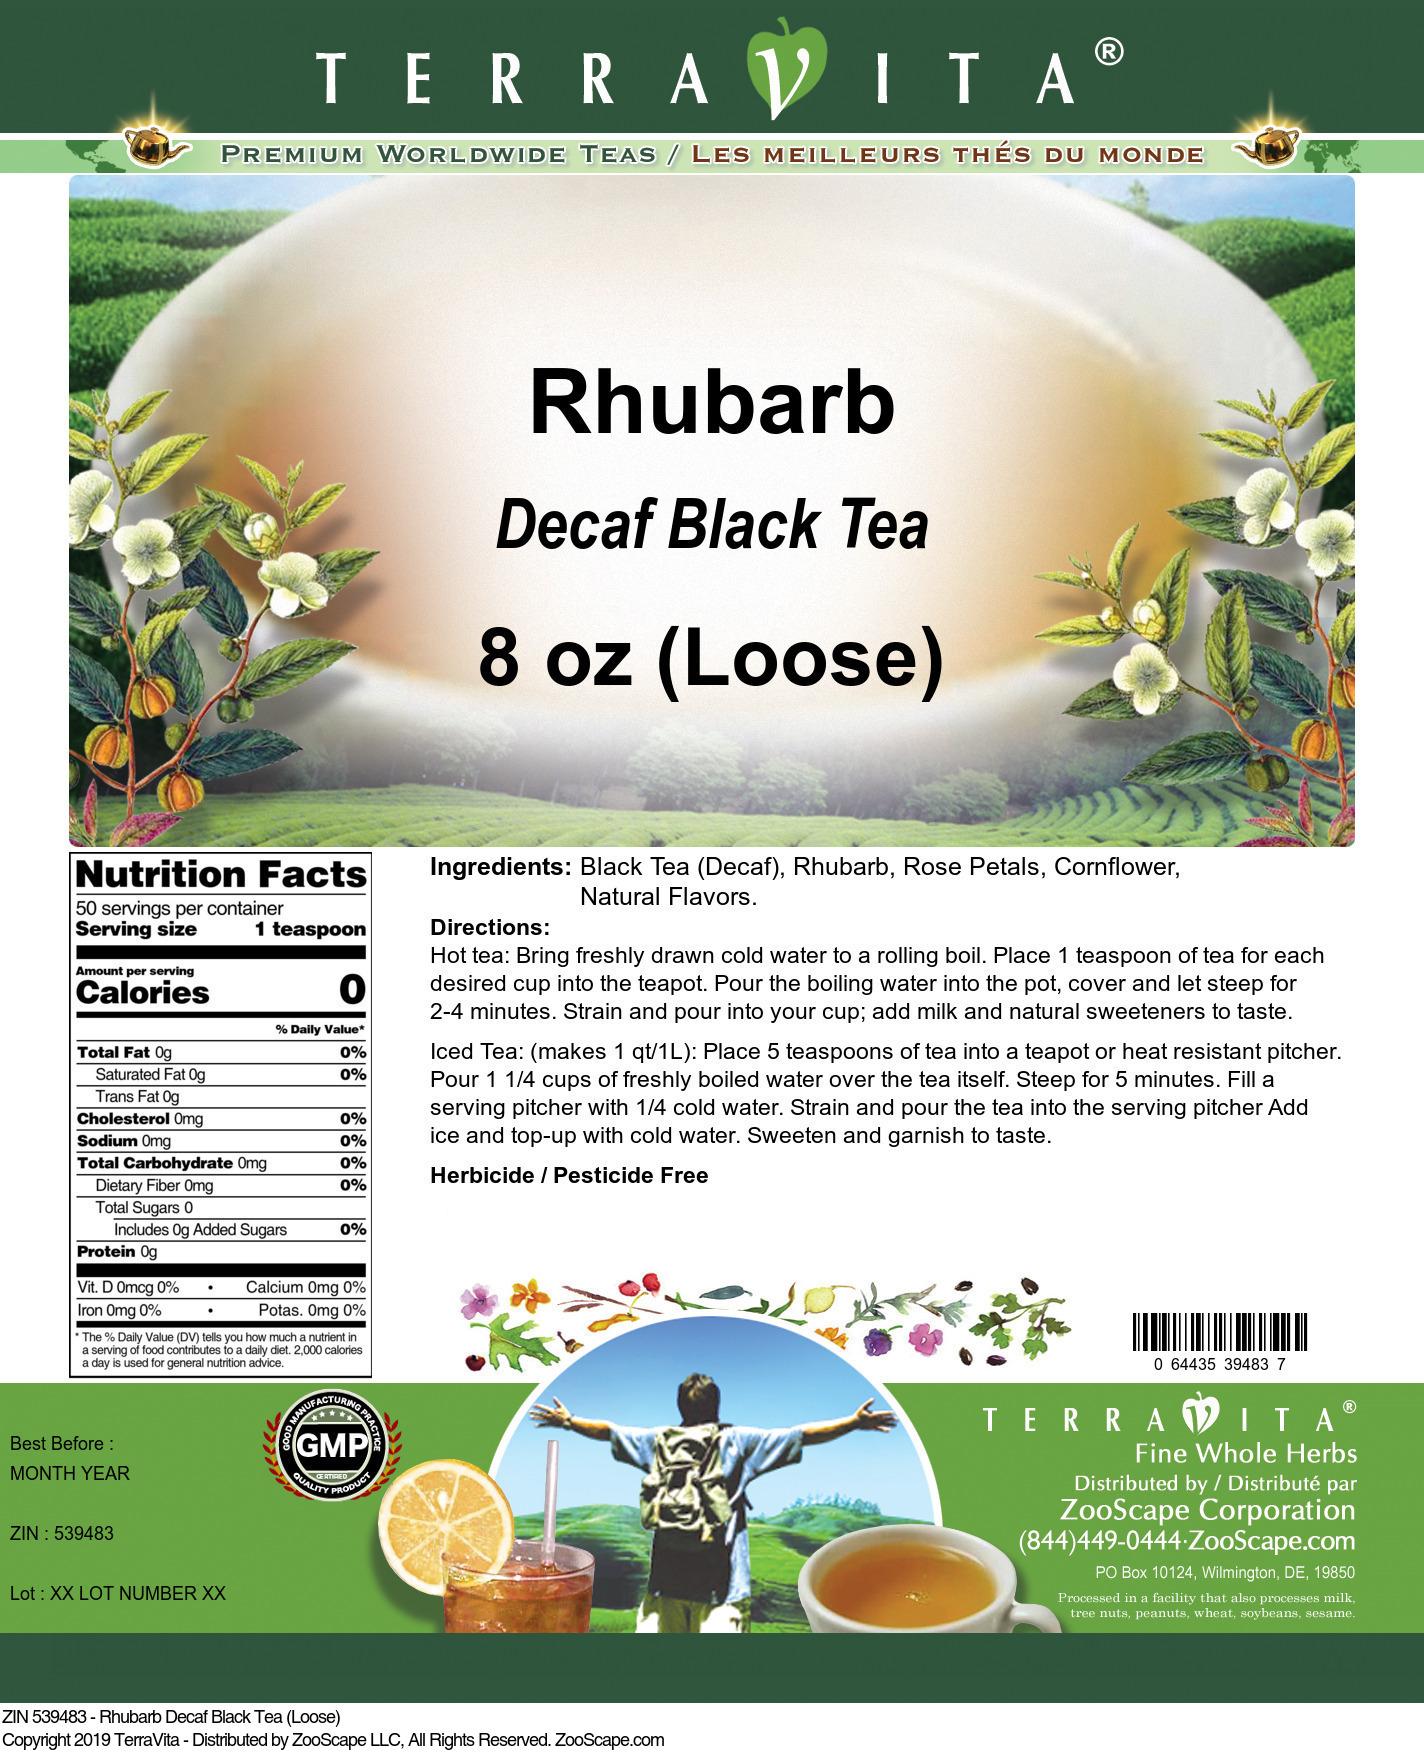 Rhubarb Decaf Black Tea (Loose)